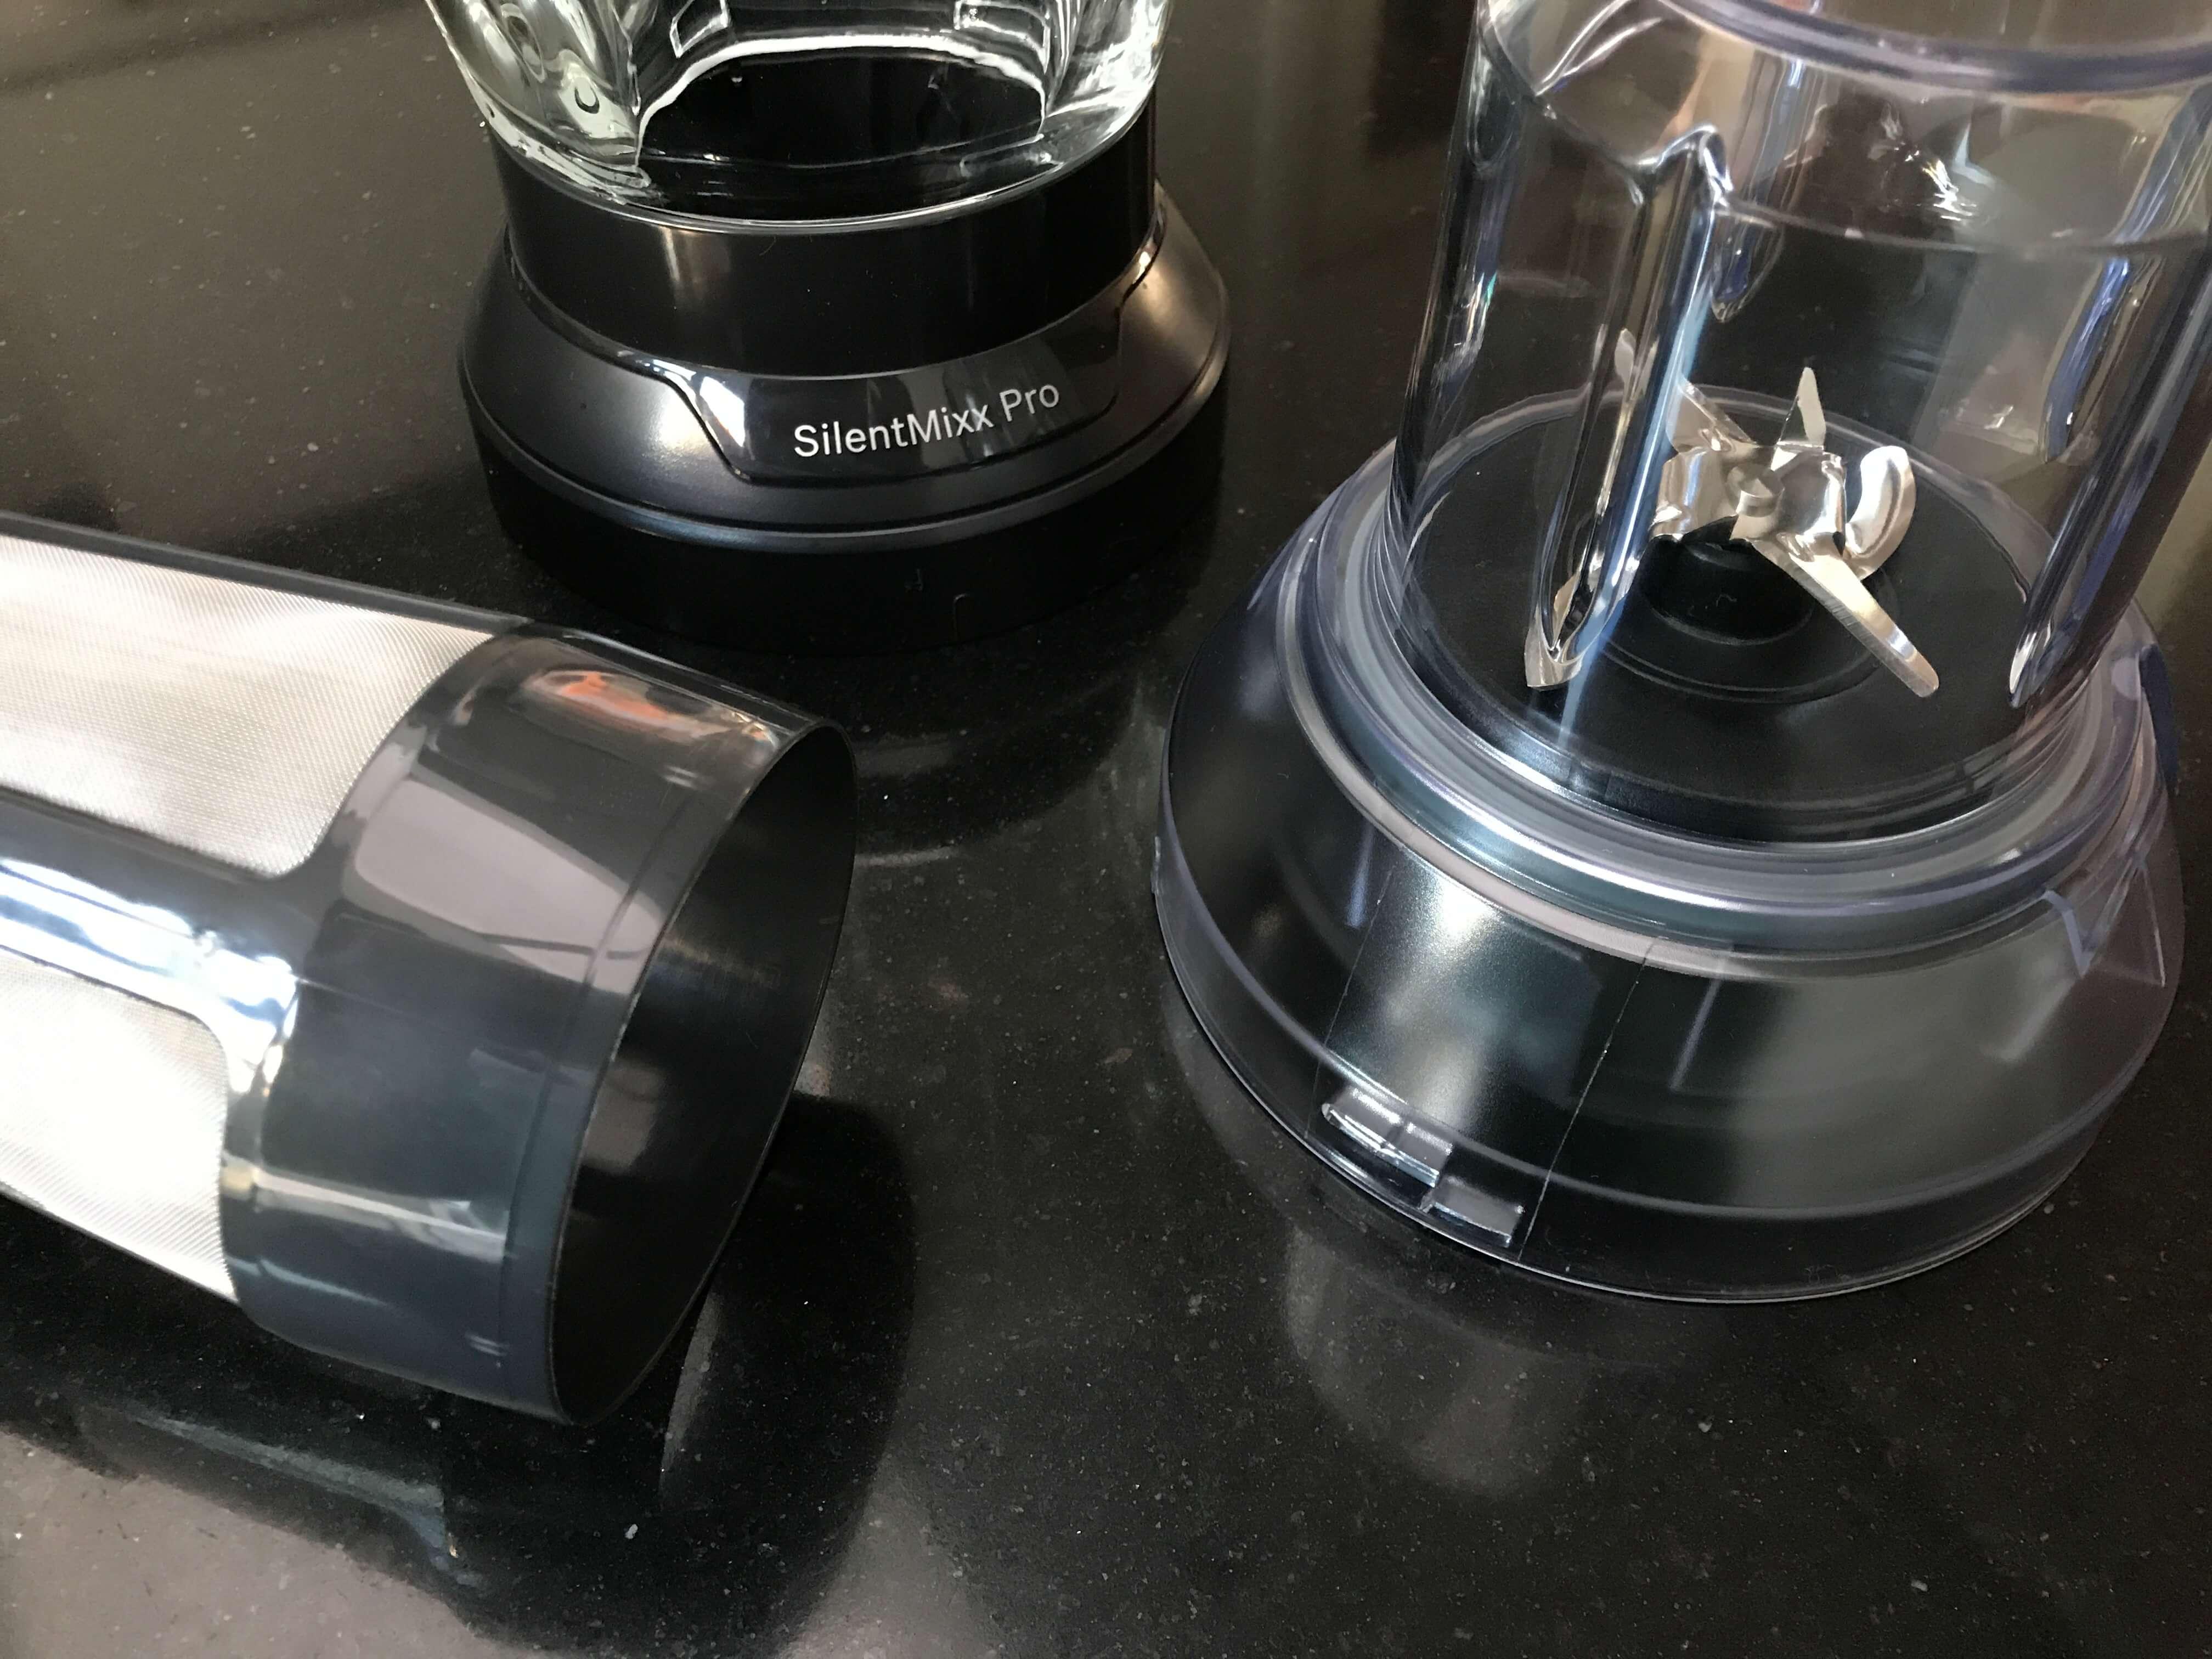 Bosch Silentmixx Pro review - AllinMam.com